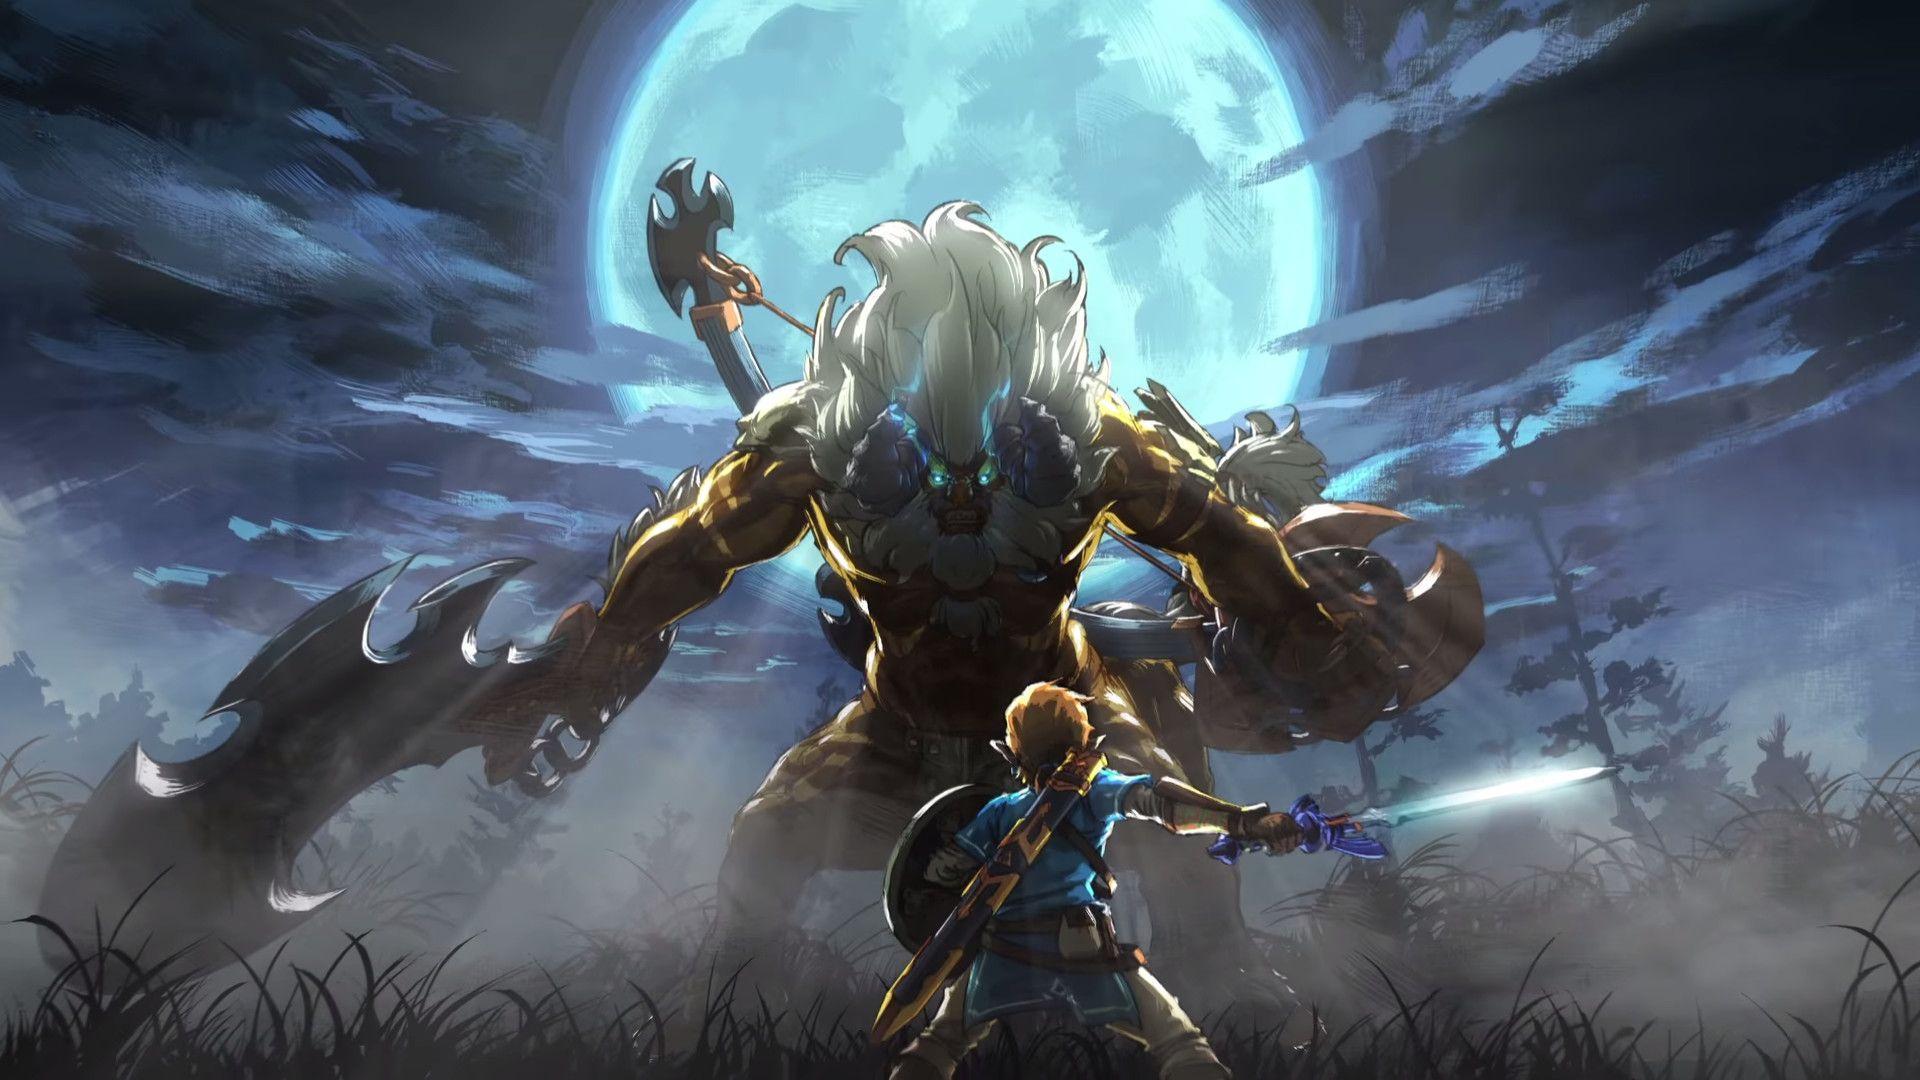 Legend Of Zelda: Breath Of The Wild Wallpapers - Wallpaper ...